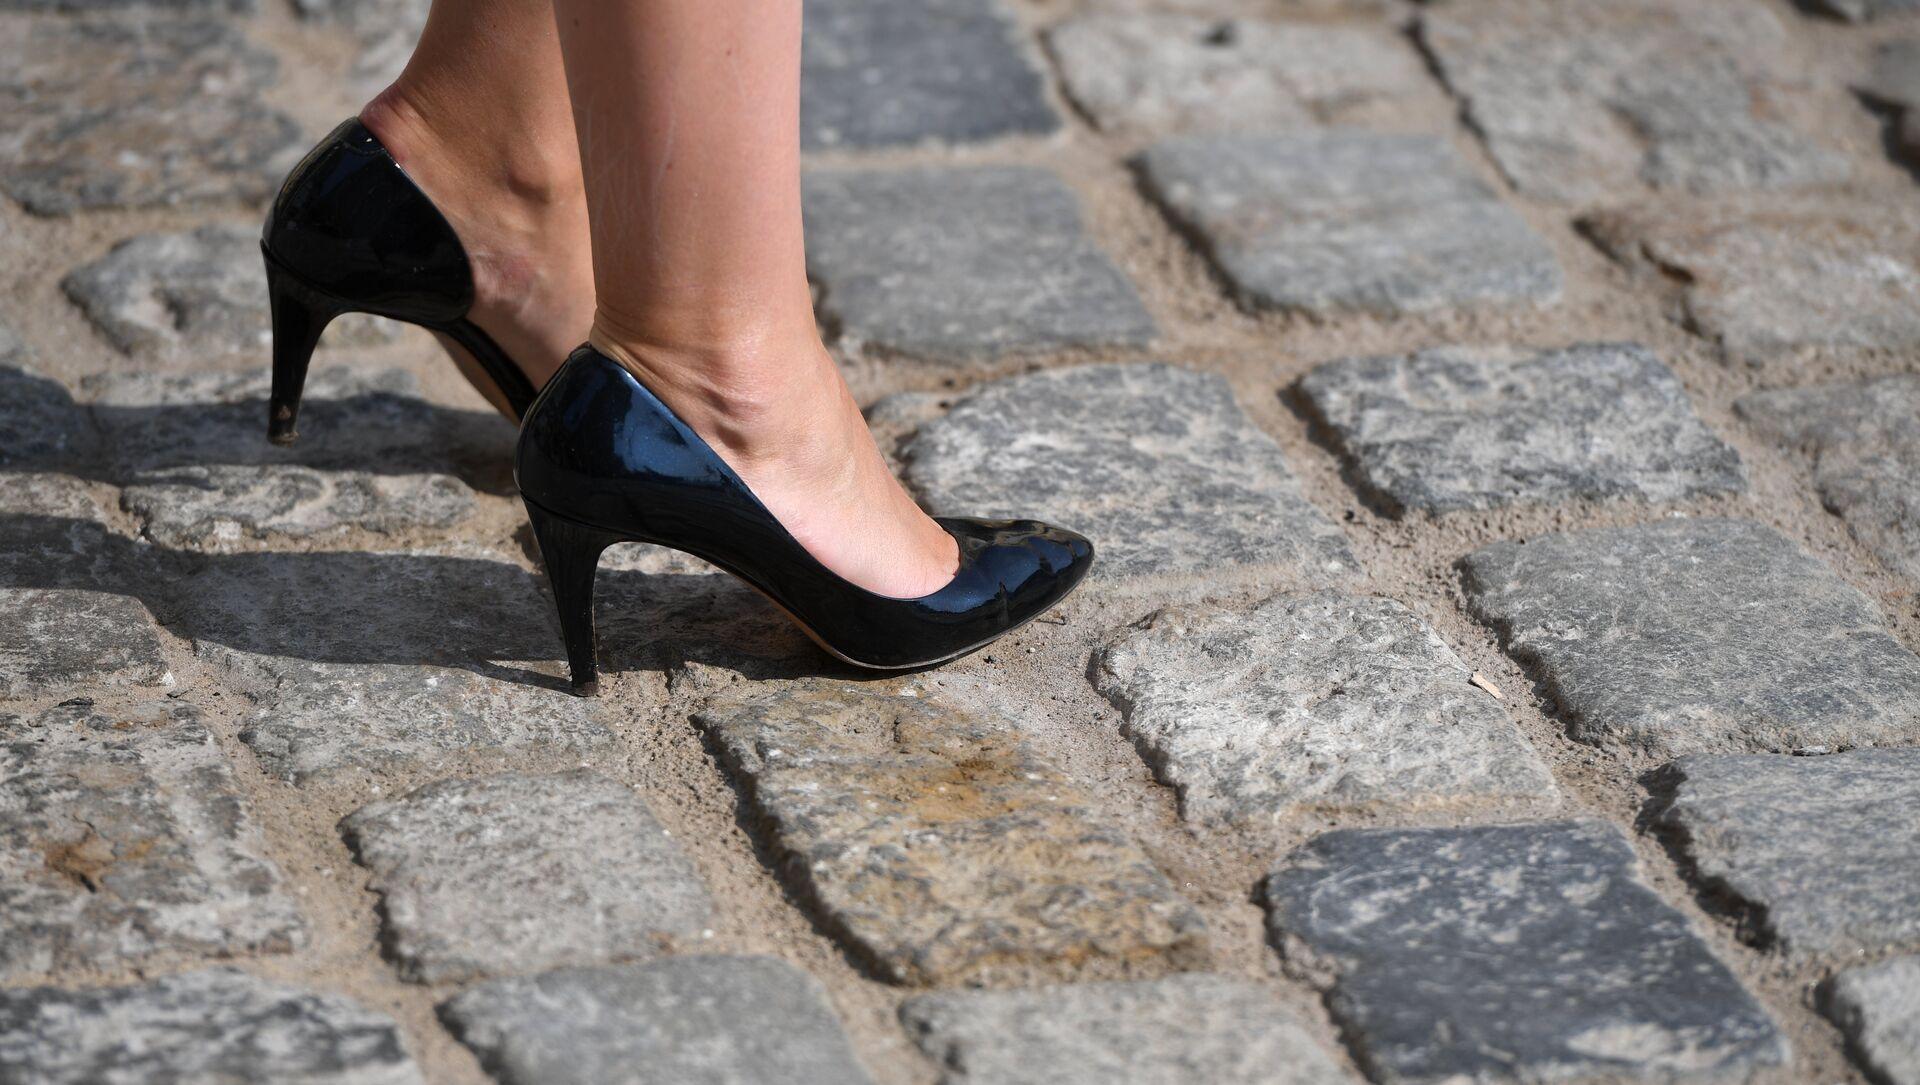 Ayakkabı - kadın ayakkabısı - Sputnik Türkiye, 1920, 09.06.2021